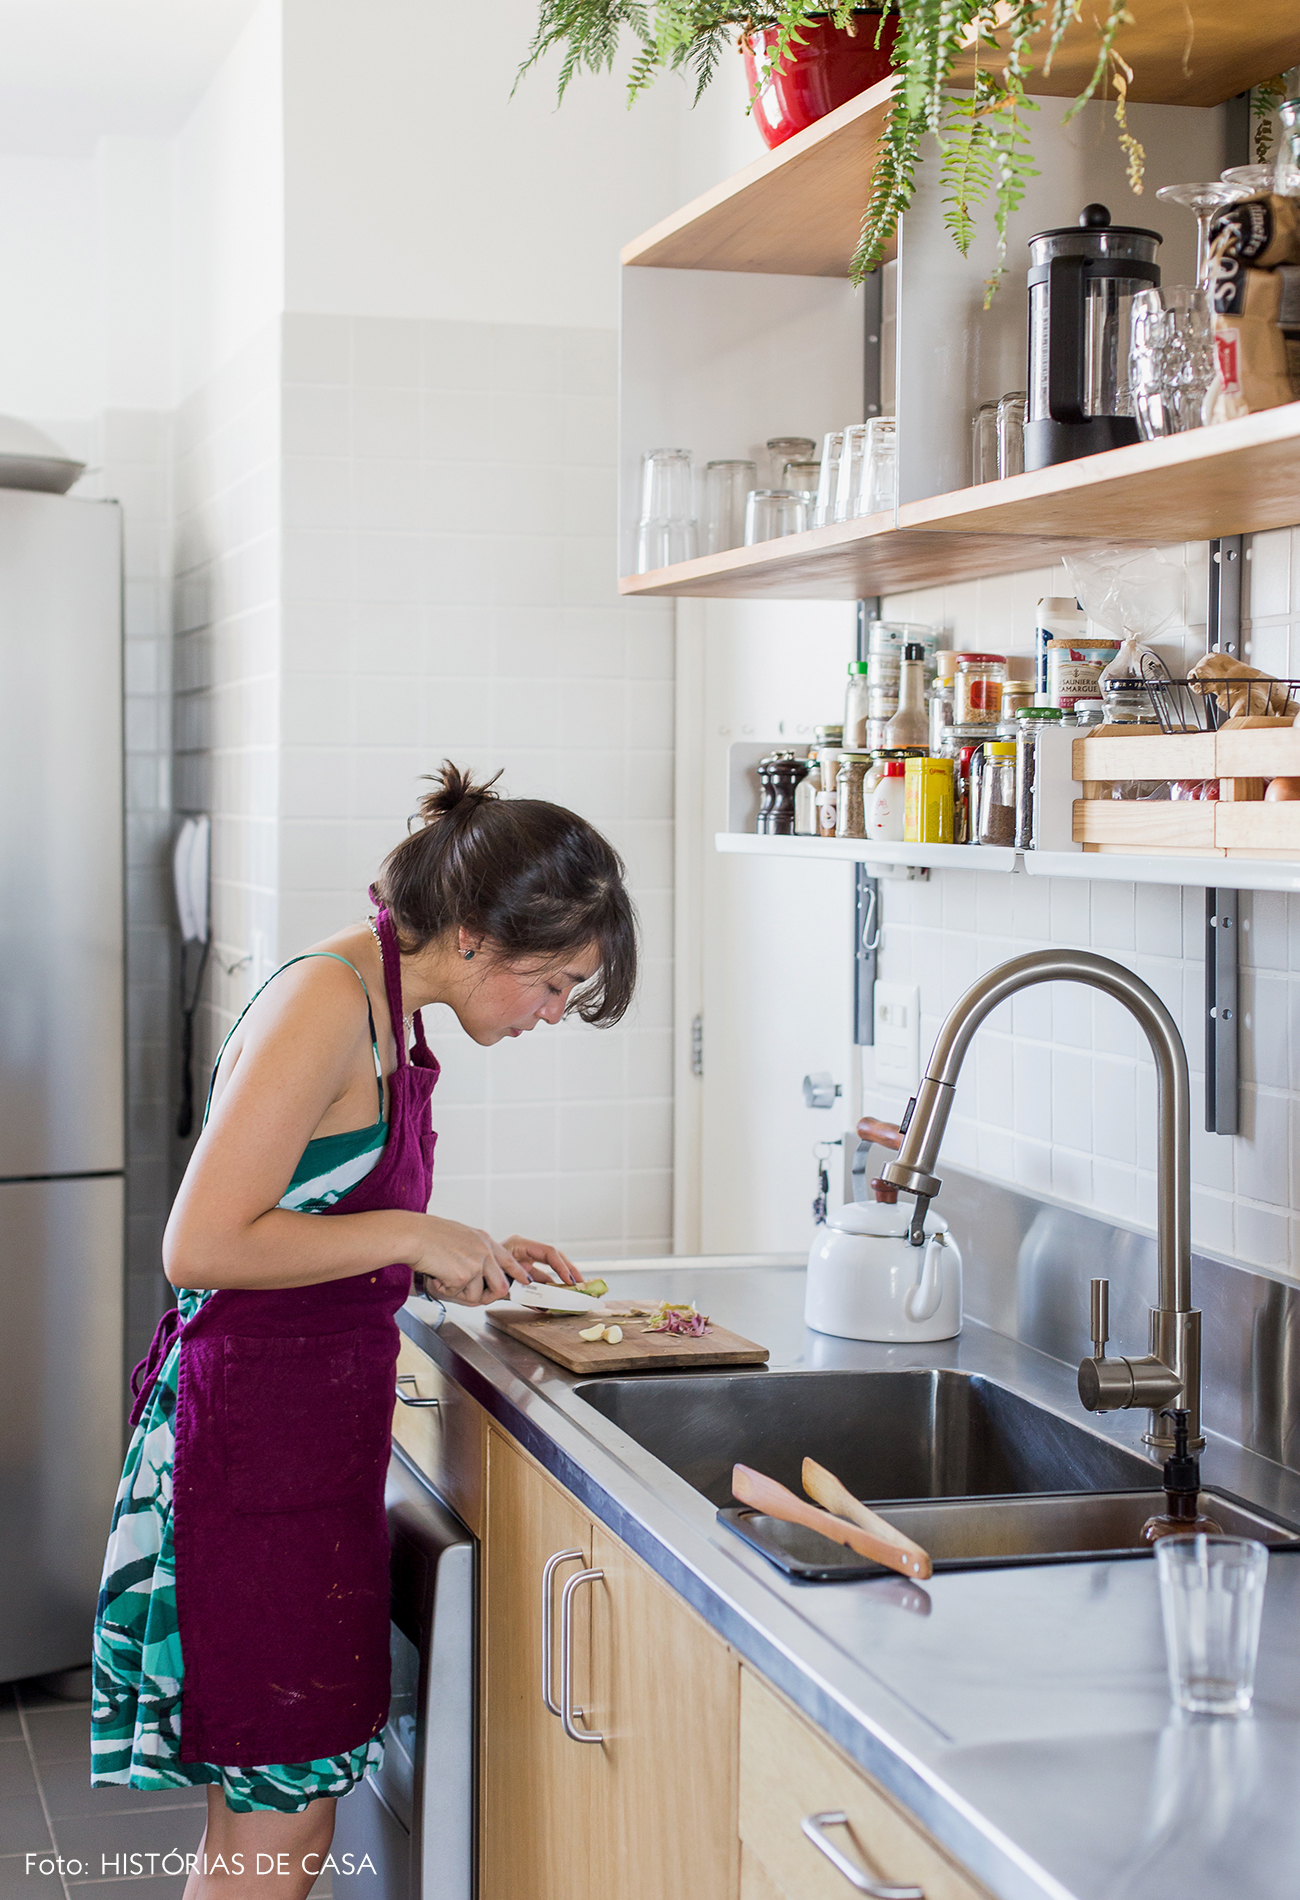 Cozinha com bancada de aço inox